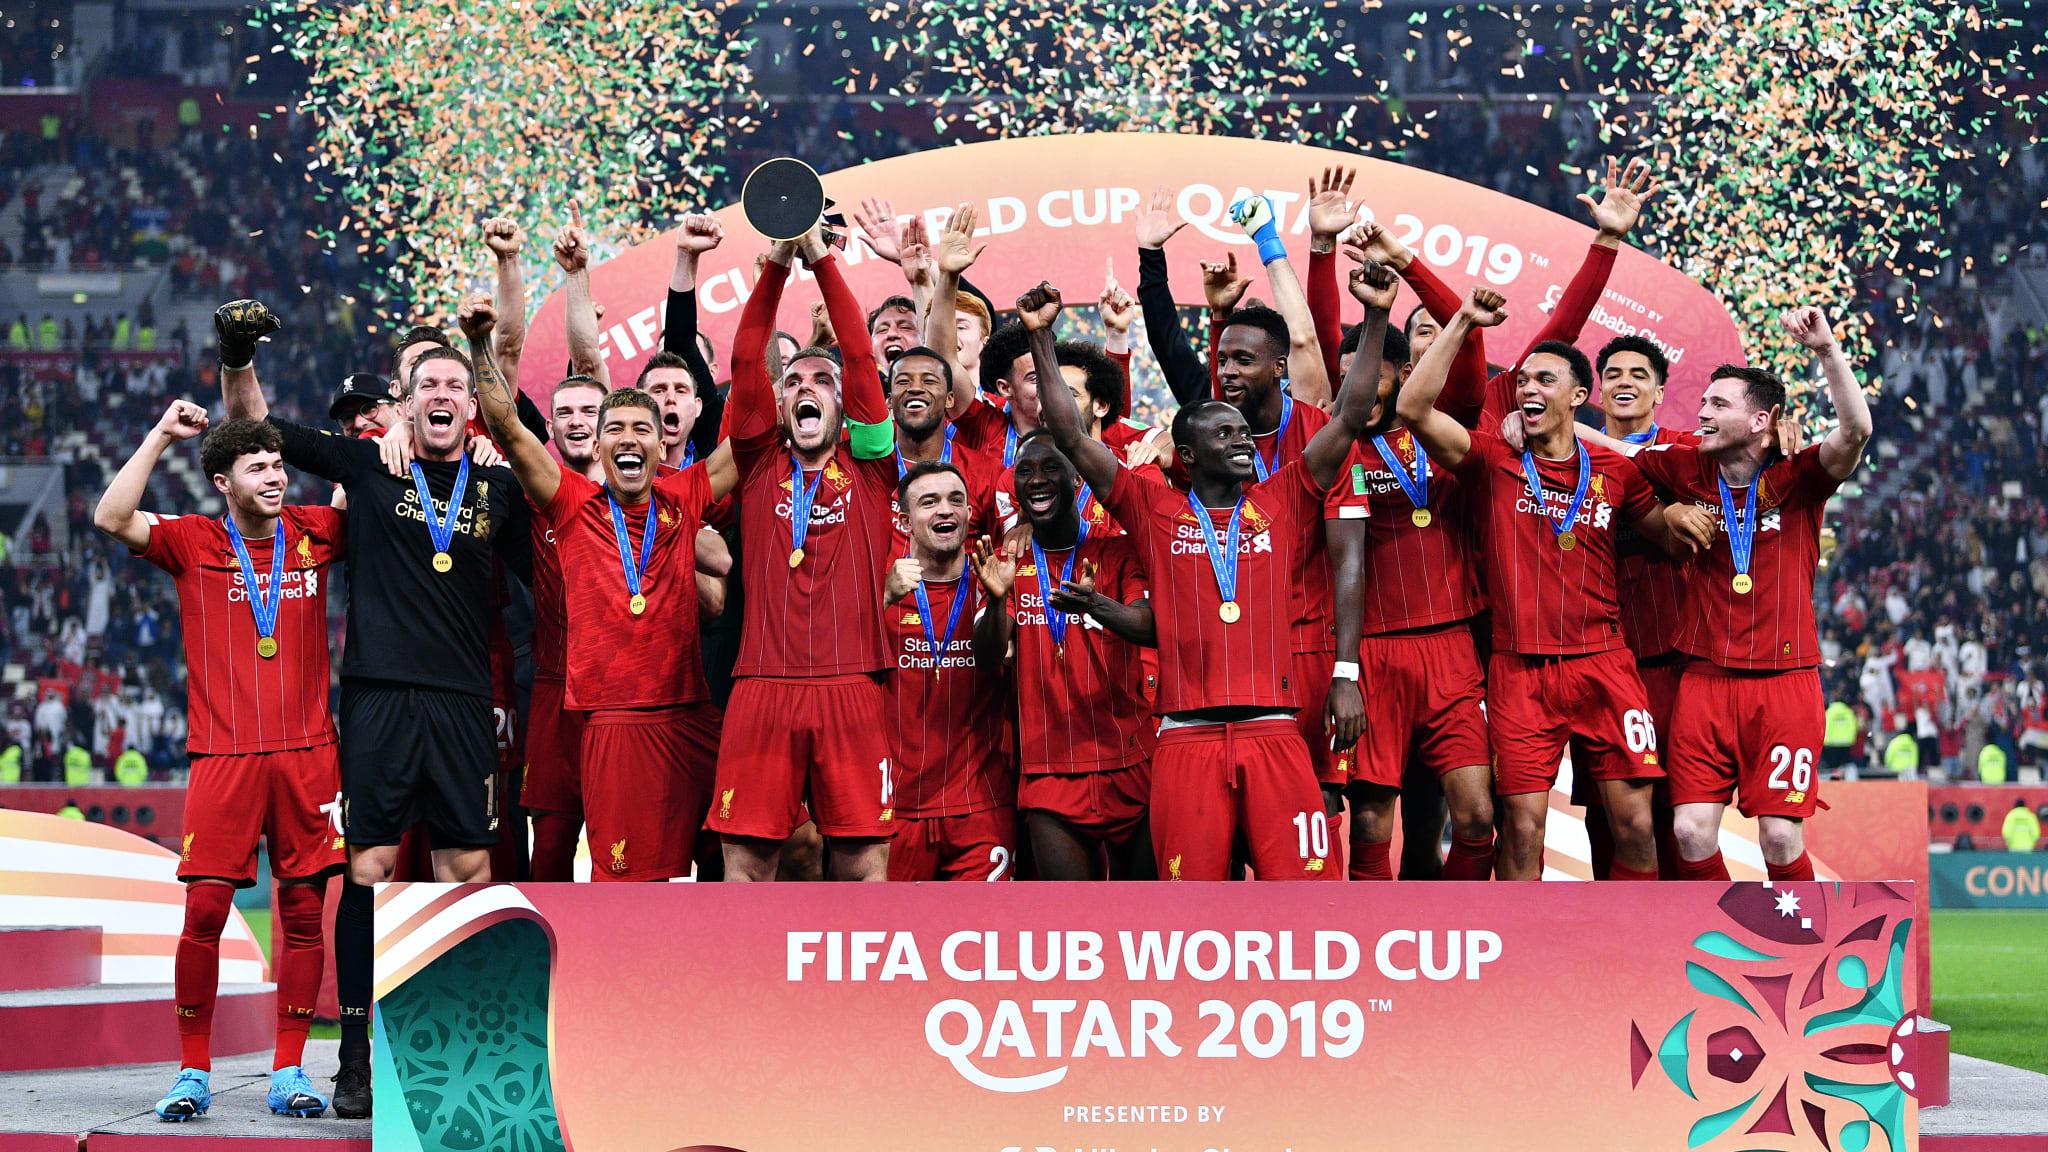 El último campeón: Liverpool de Inglaterra se consagró tras vencer 1 a 0 al Flamengo de Brasil en la final.